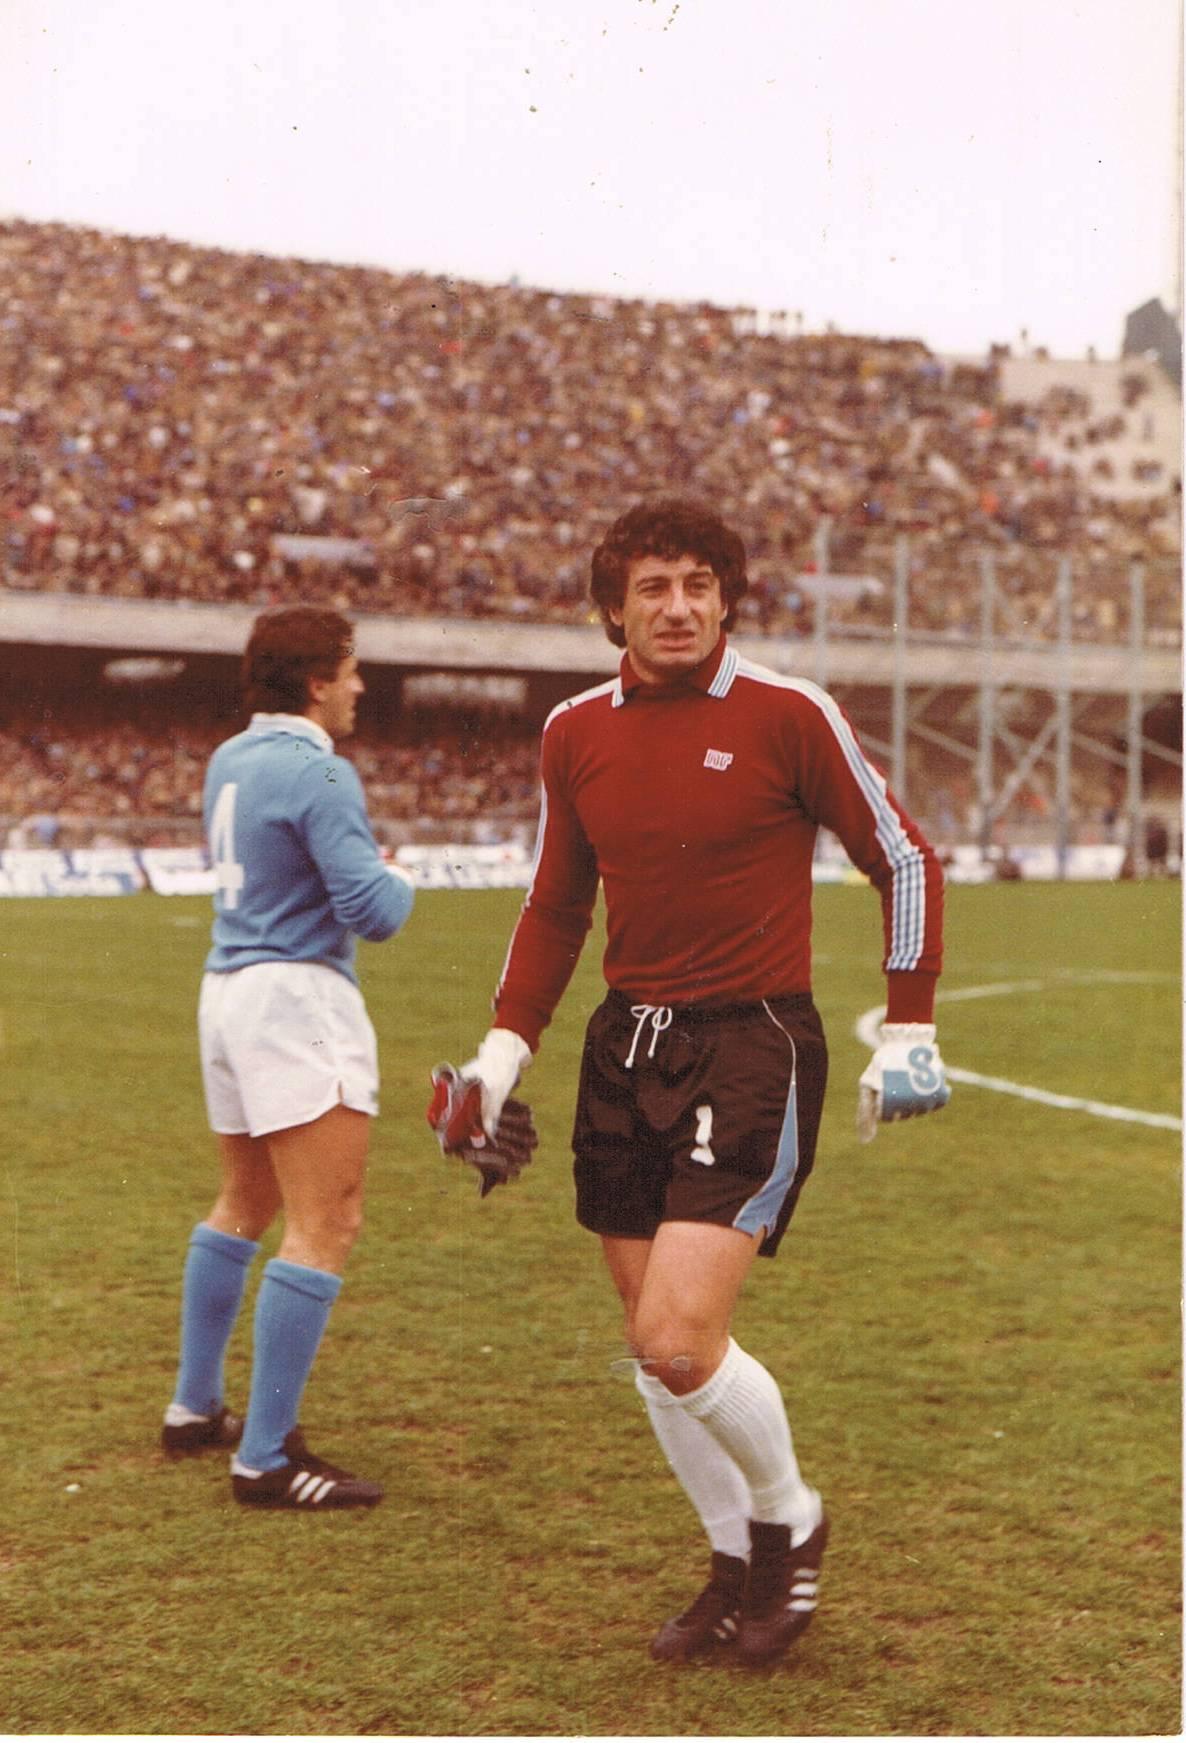 Castellini e quel rinvio sospetto che fece nascere il gemellaggio tra Napoli e Genoa